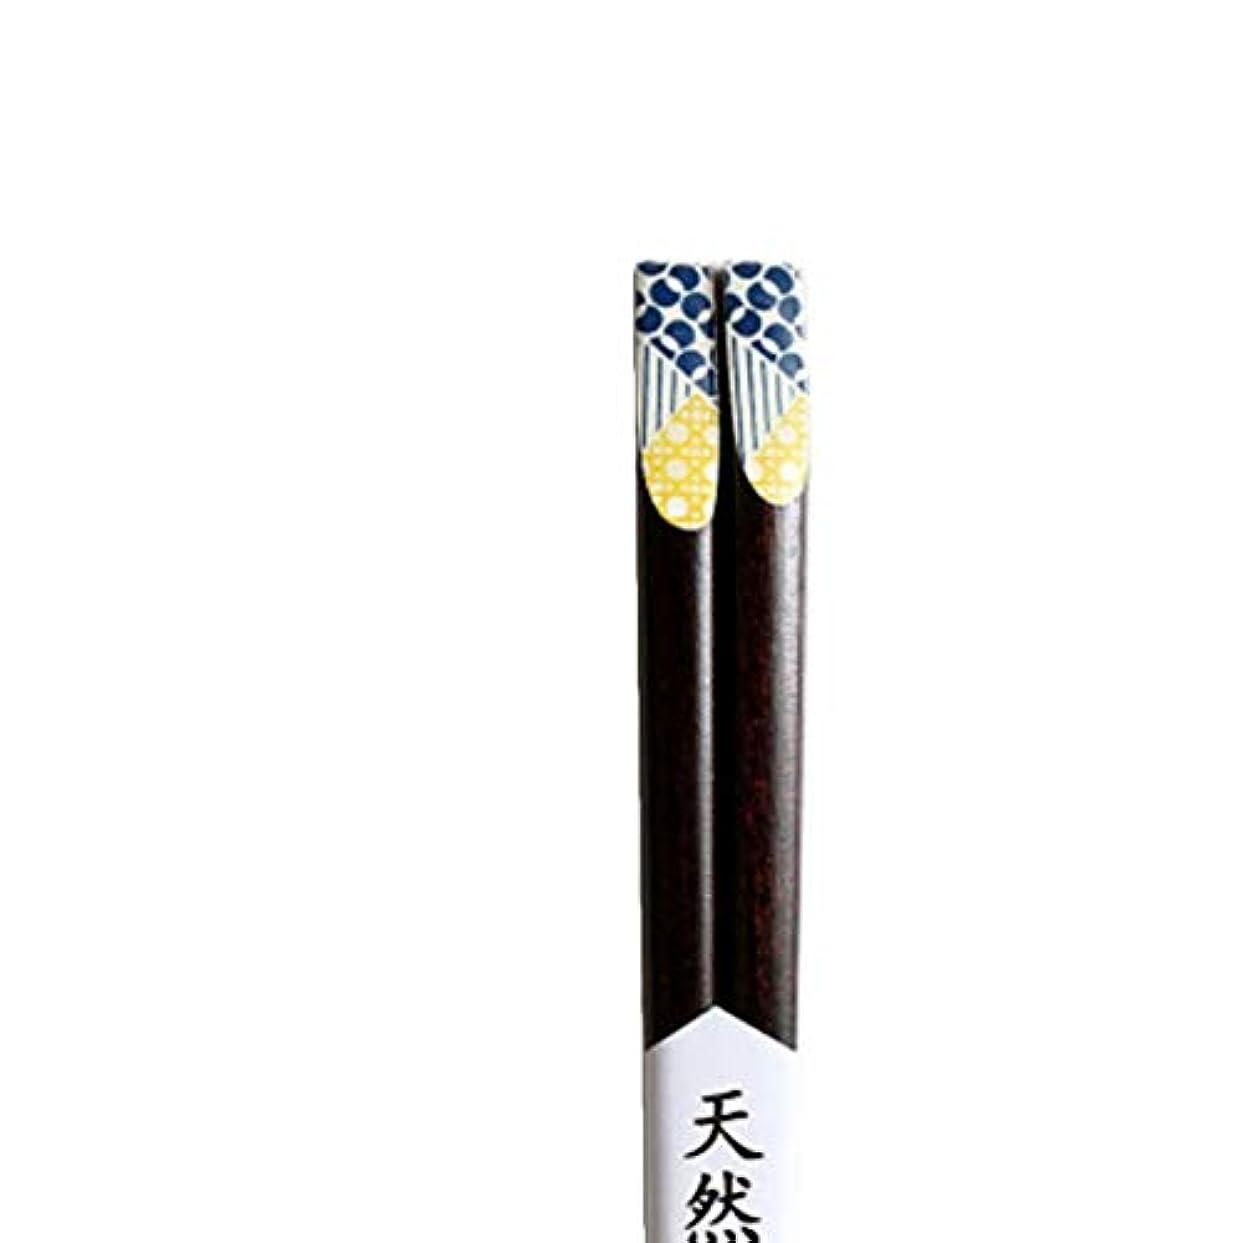 生命体記事ドナウ川Yoshilimen ホームアクセサリーアクセサリー木製木箸木箸(None Blue and yellow dot mixing)